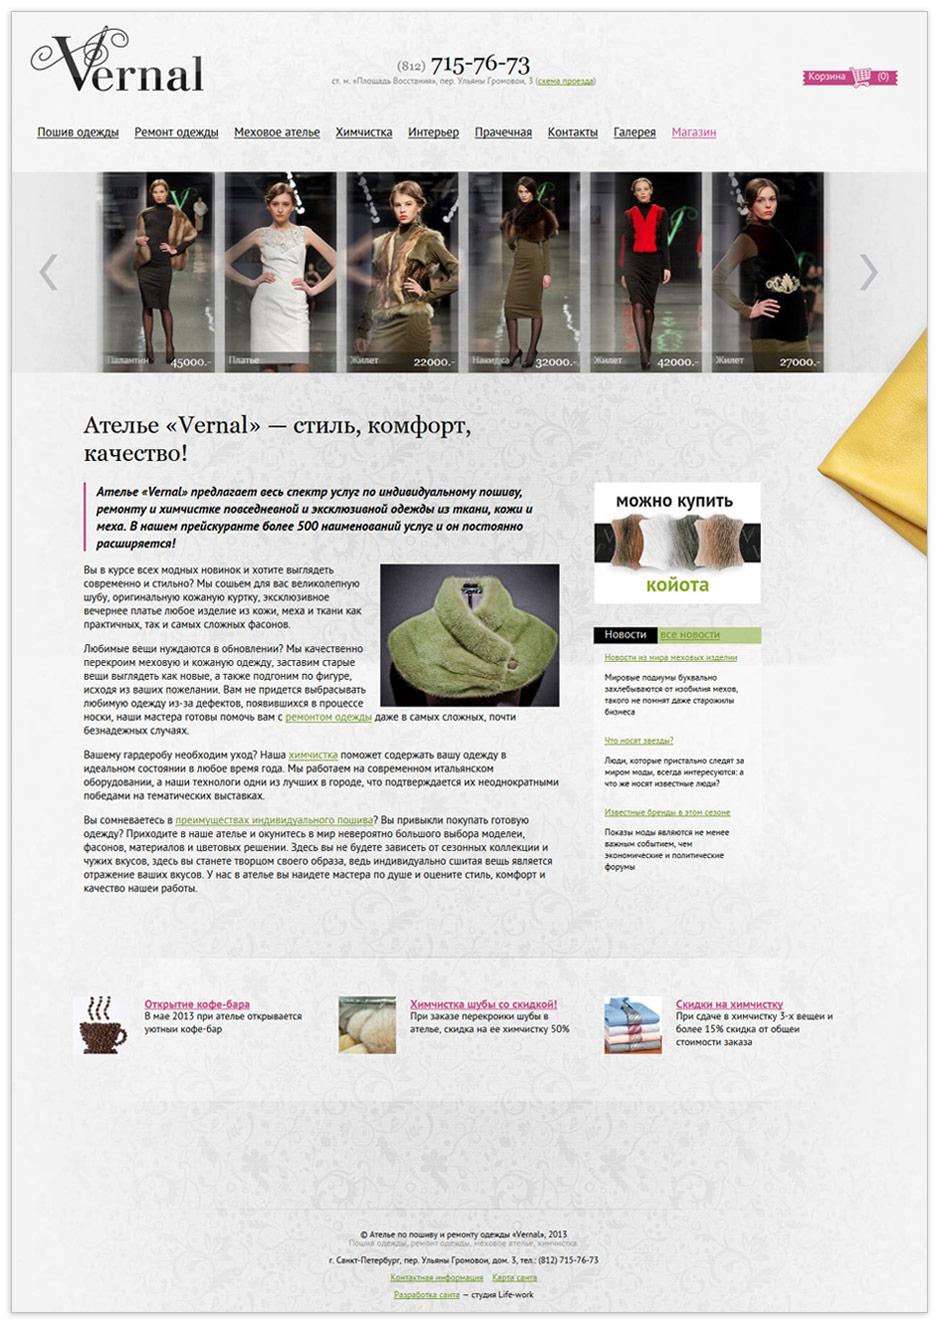 главная страница сайта Vernal